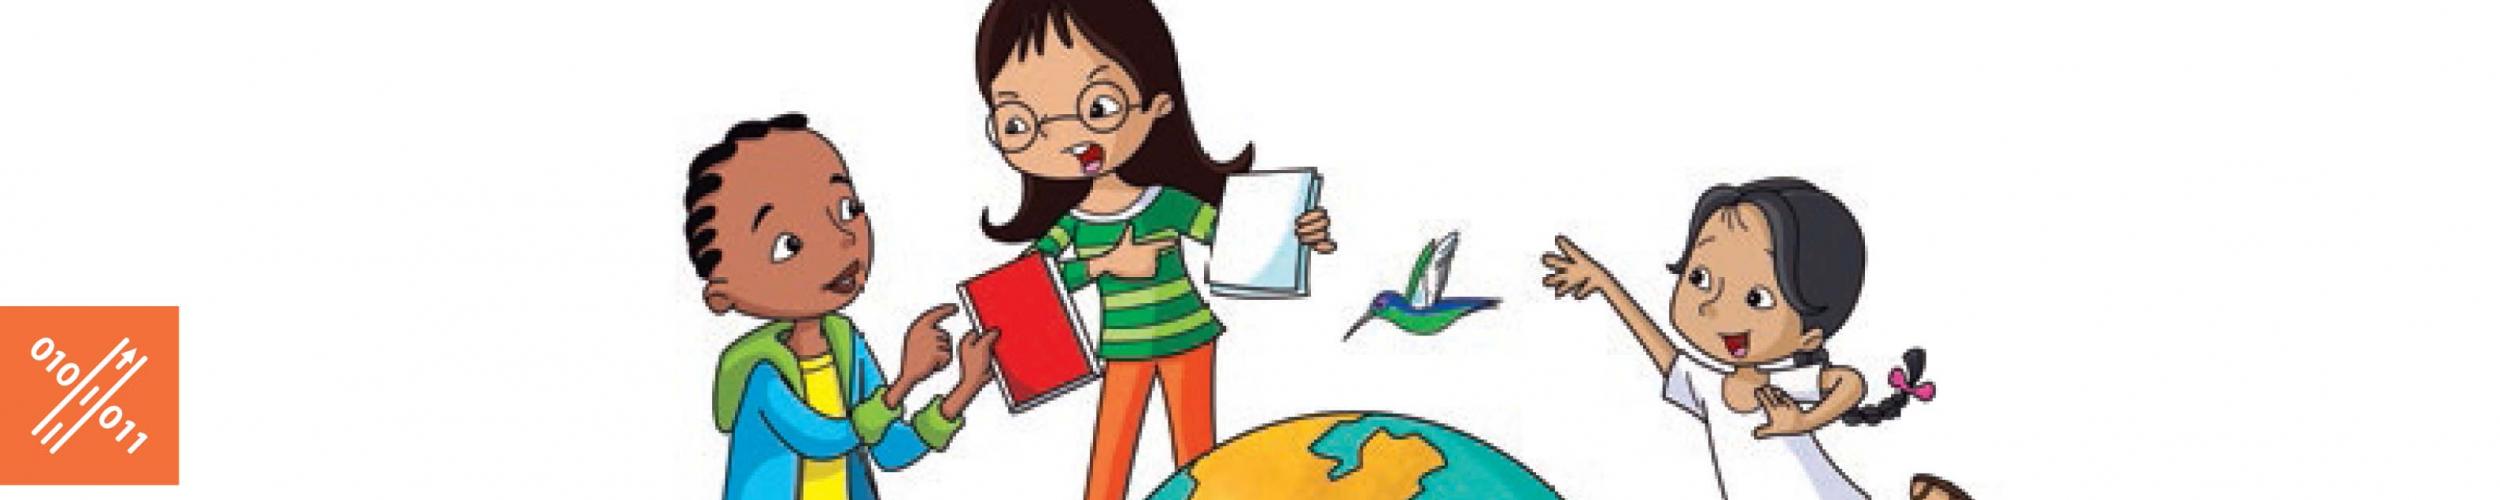 Informatie over kinderrechten